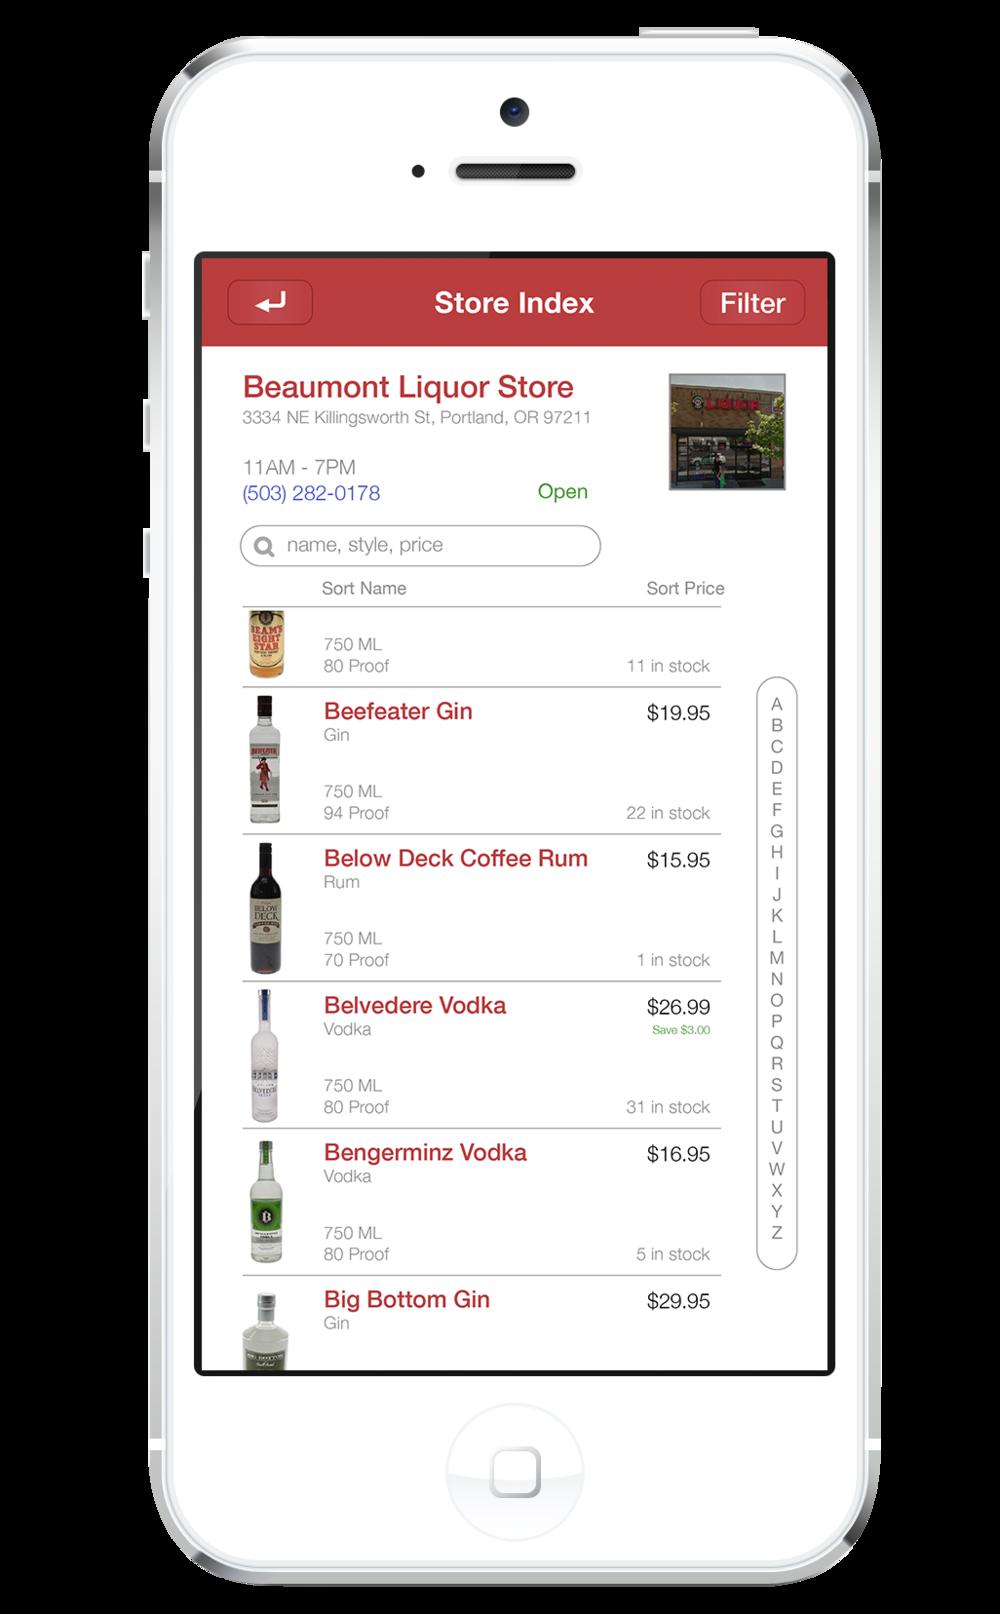 Store Index